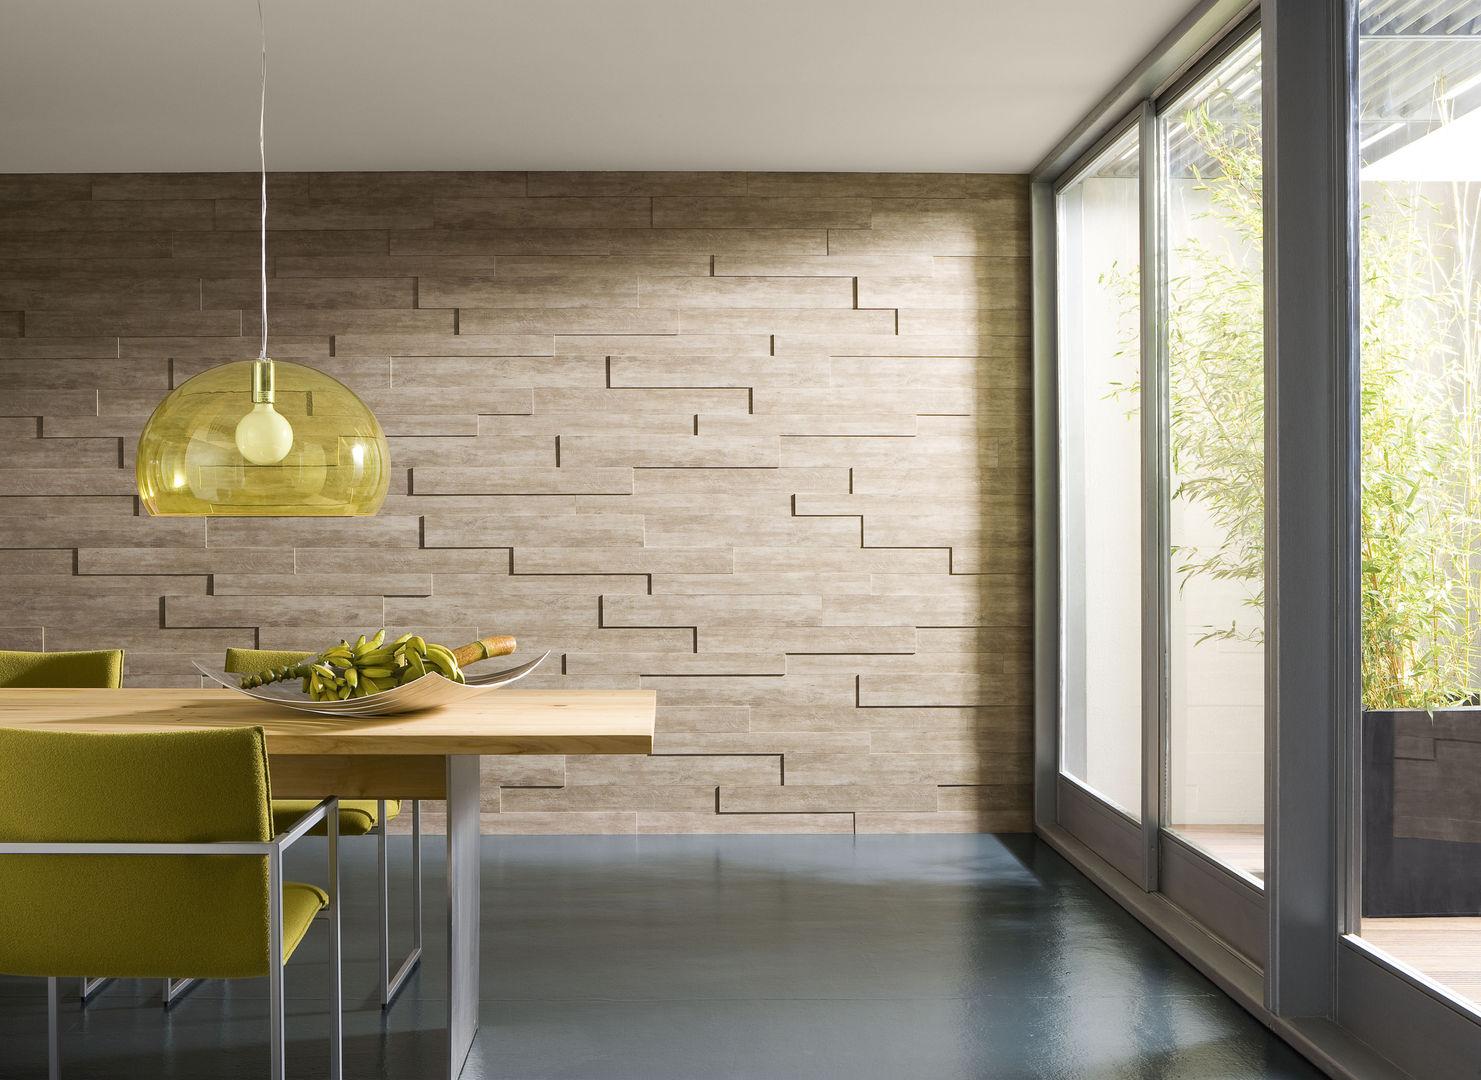 Какие встречаются стеновые покрытия для внутренней отделки